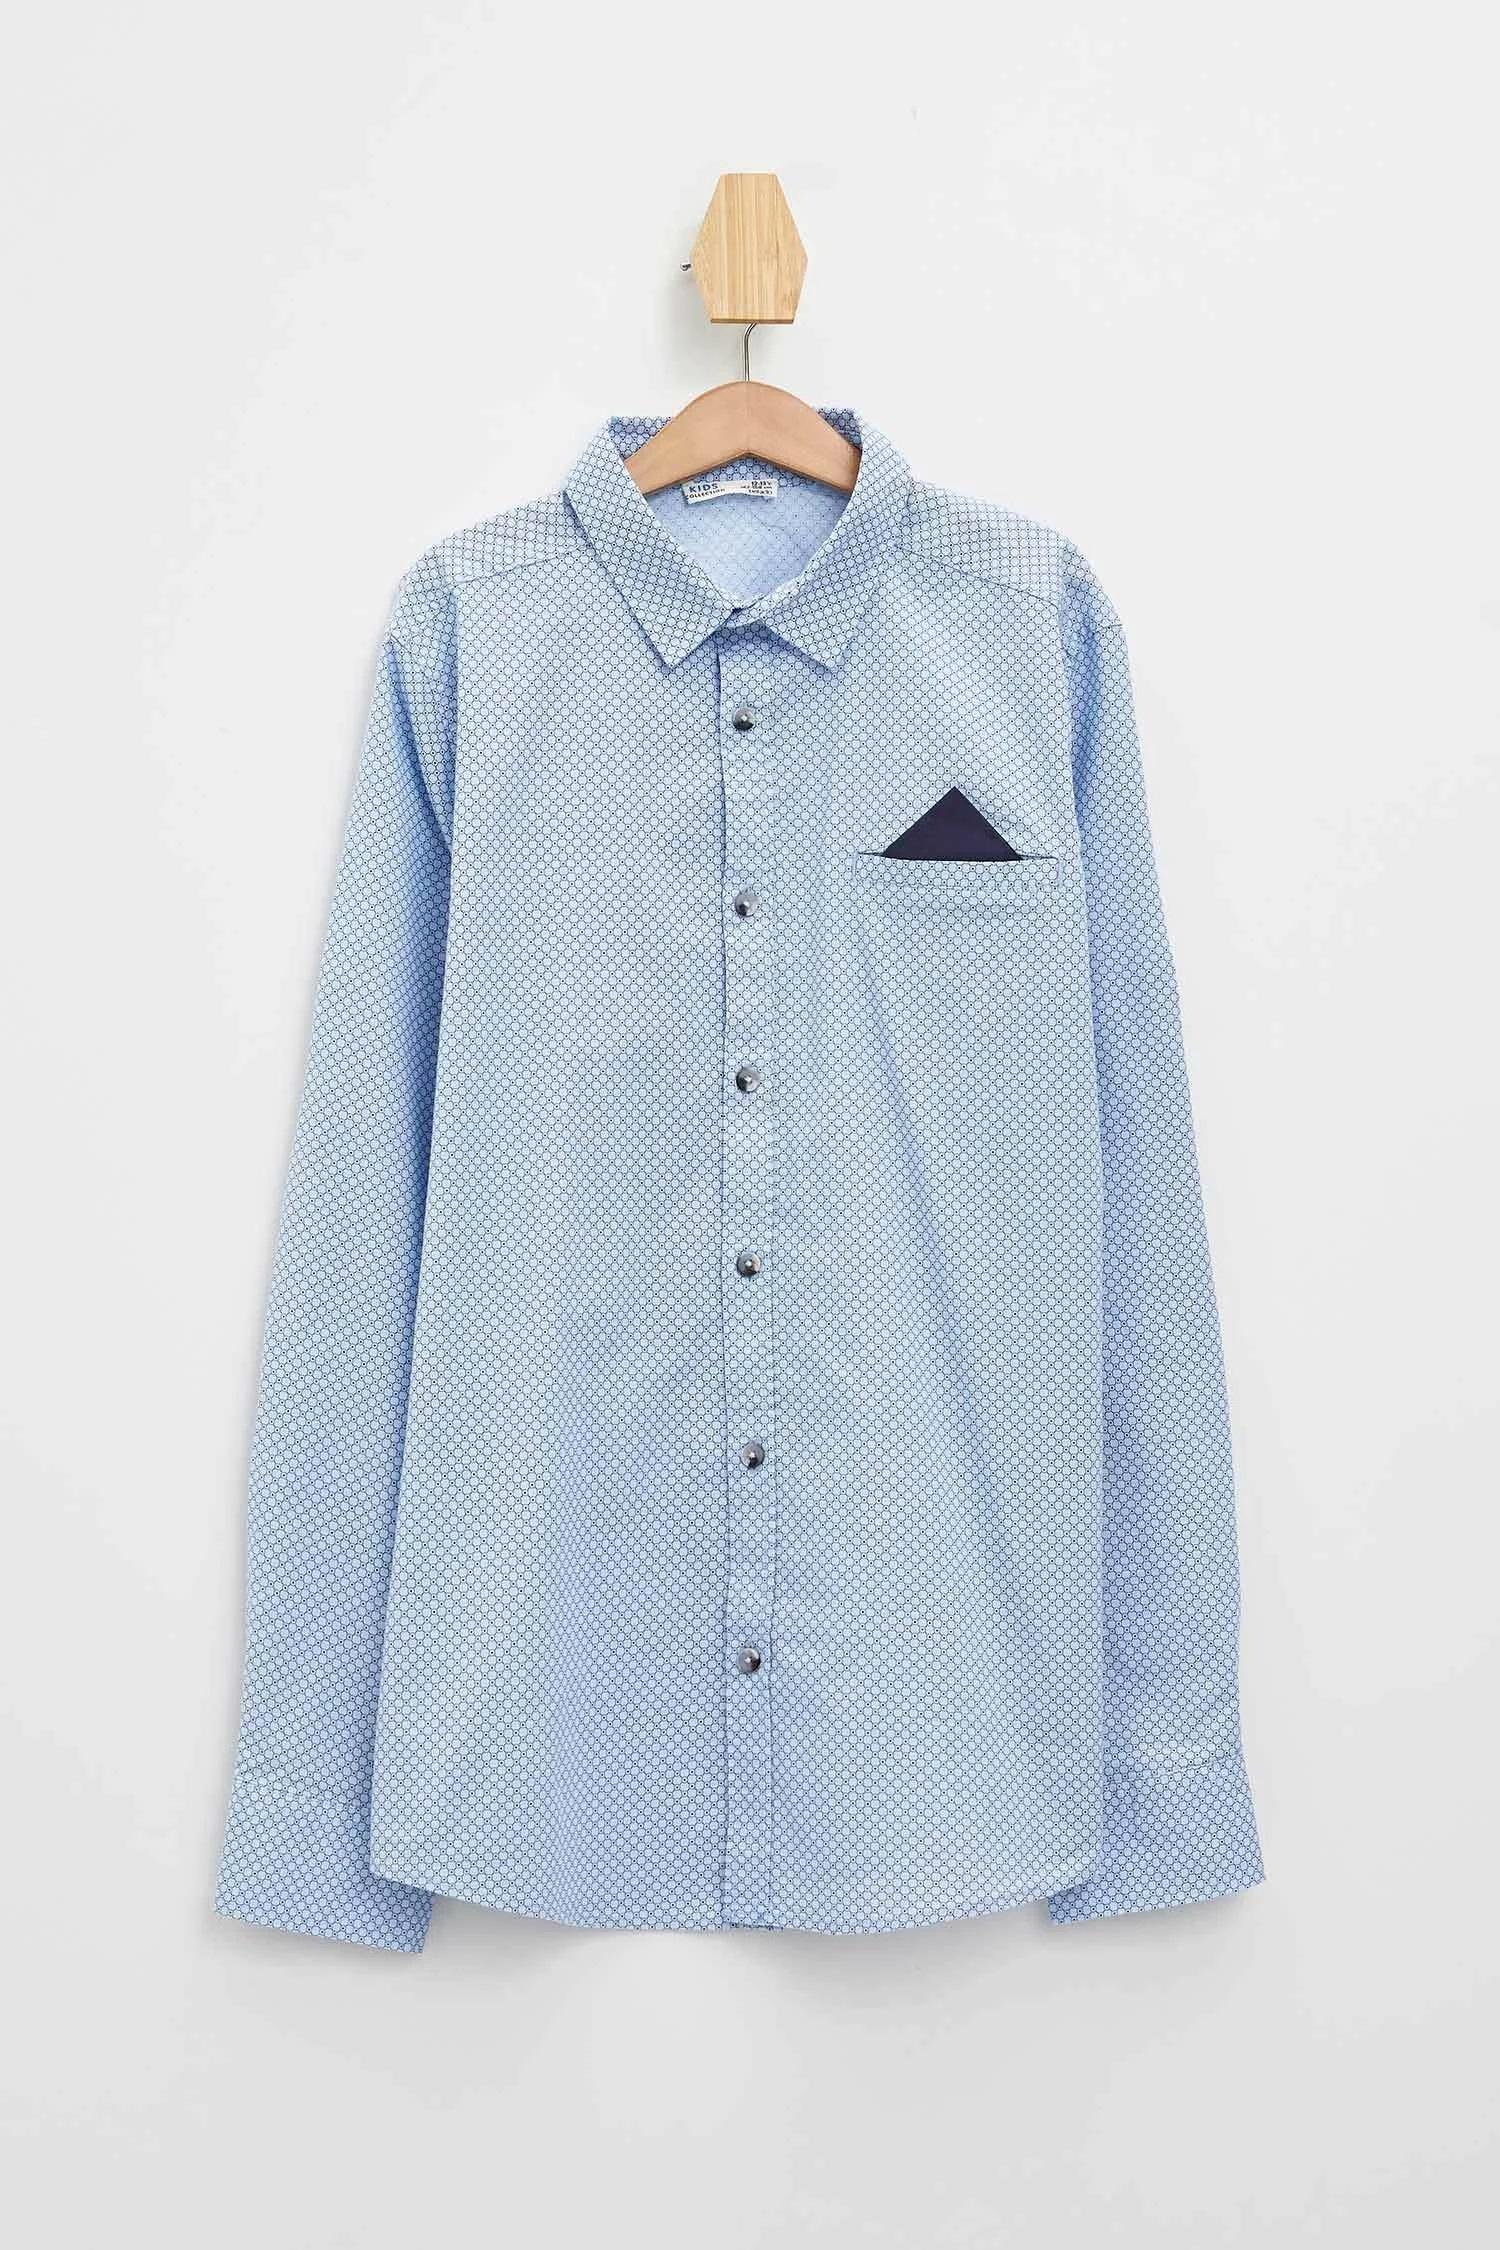 19 Mayıs Erkek Çocuk Baskılı Gömlek-